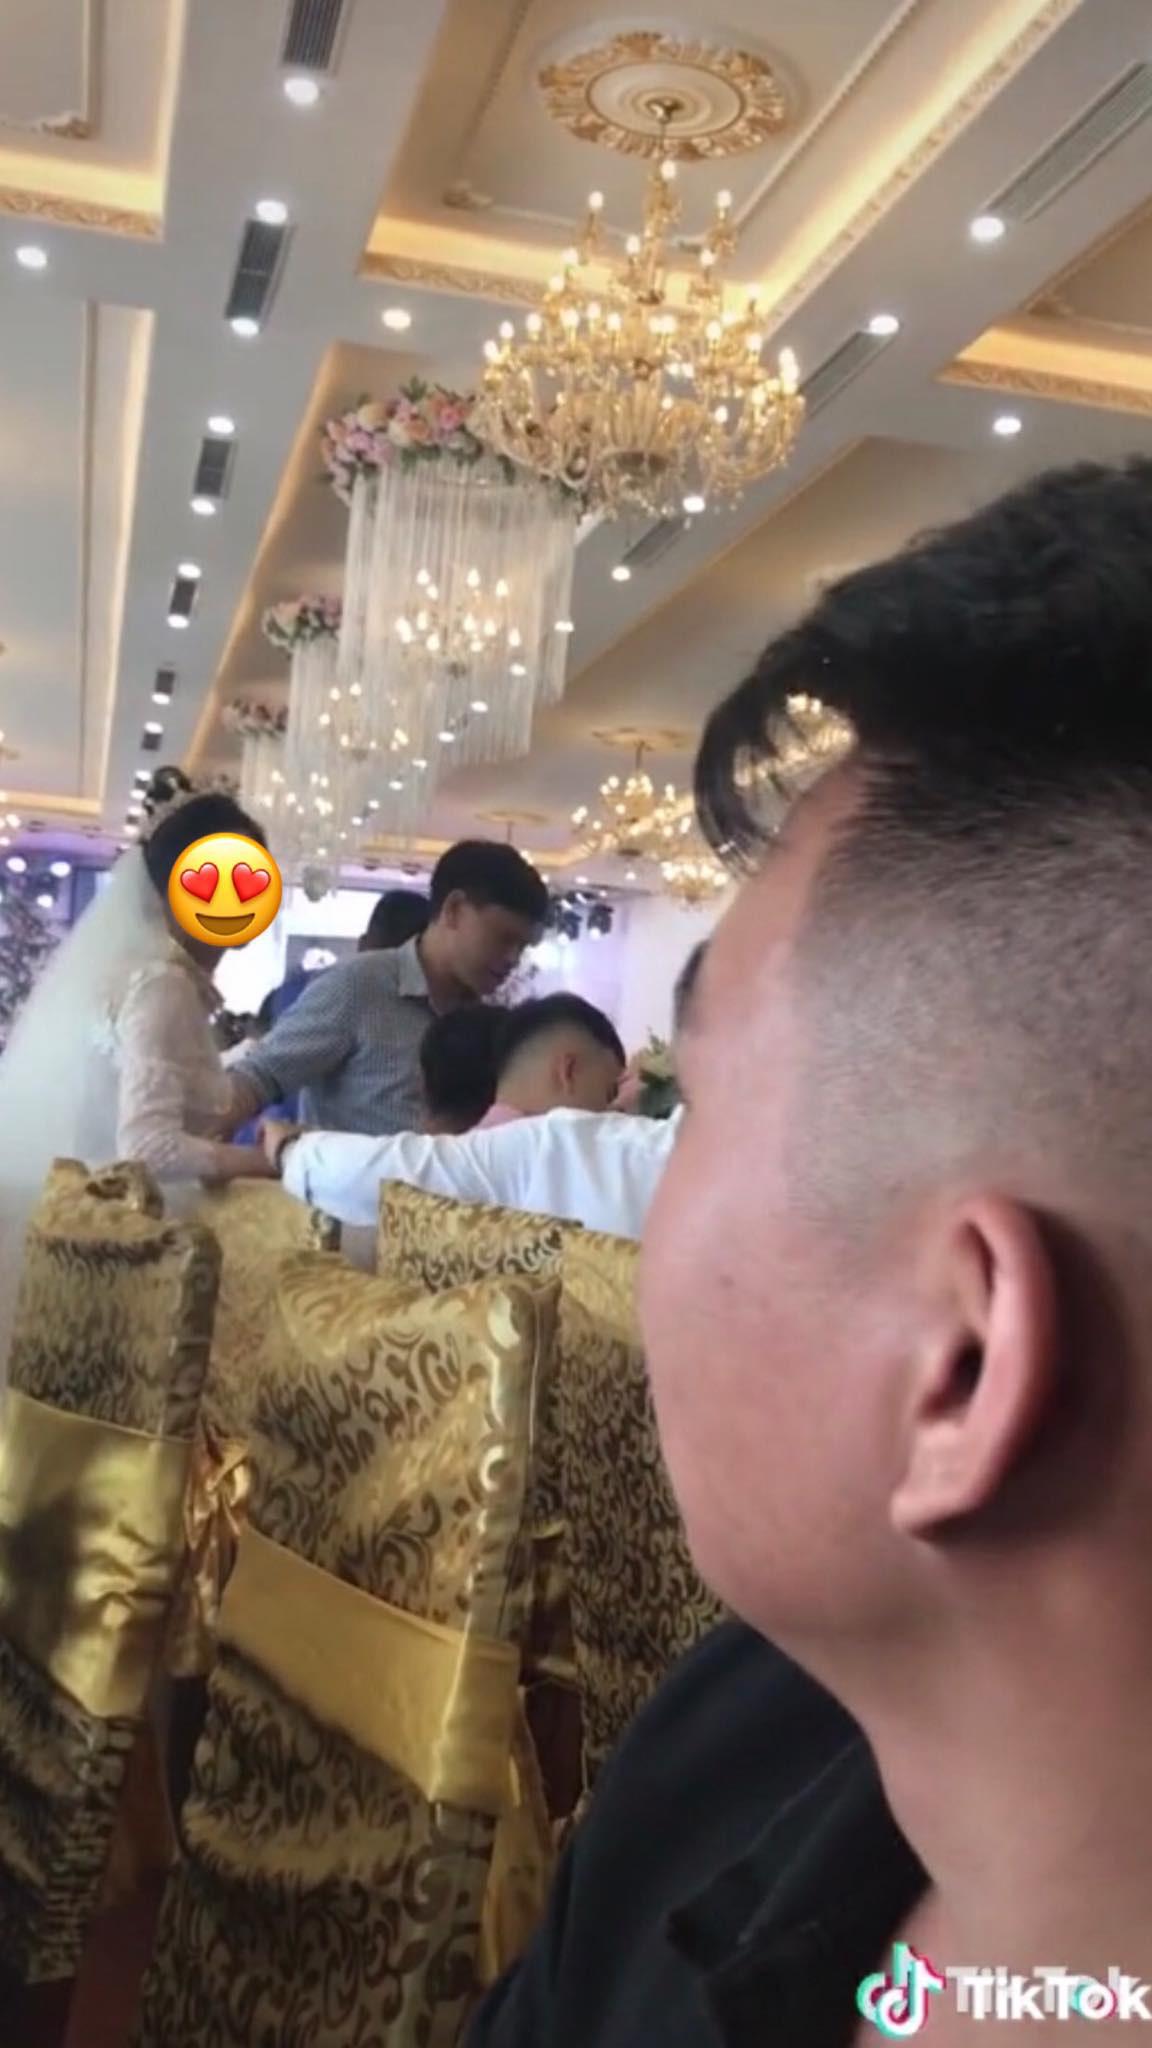 Xôn xao chàng trai đi dự đám cưới người yêu cũ, cố tình đem ảnh hôn hít năm xưa ra làm trò đùa